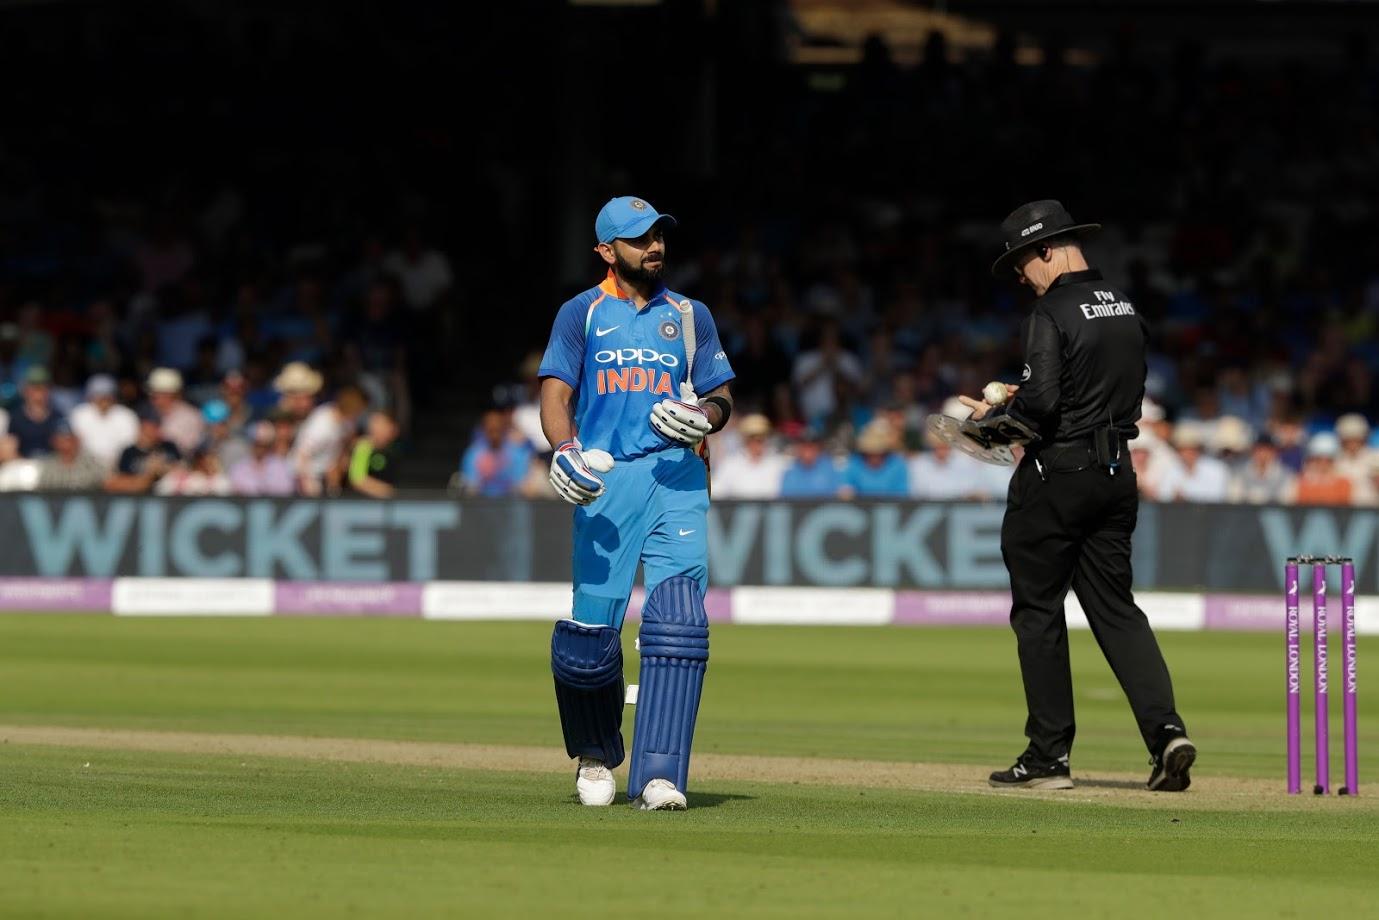 आज 24 फेब्रुवारीपासून टीम इंडिया आणि ऑस्ट्रेलियामध्ये टी20 मालिकेला सुरुवात होणार आहे. पहिला सामना विशाखापट्टनम येथे तर दुसरा सामना बंगळुरू येथे खेळण्यात येणार आहे.